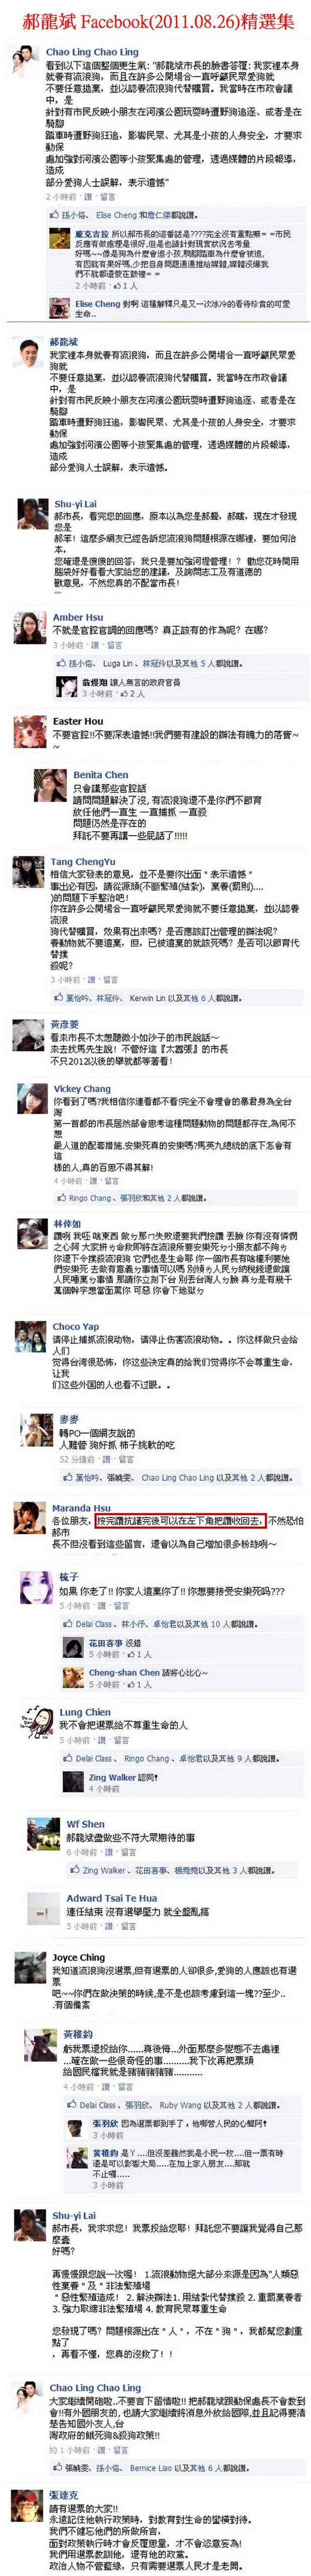 郝龍斌Facebook(2011.08.26)精選集-01.jpg